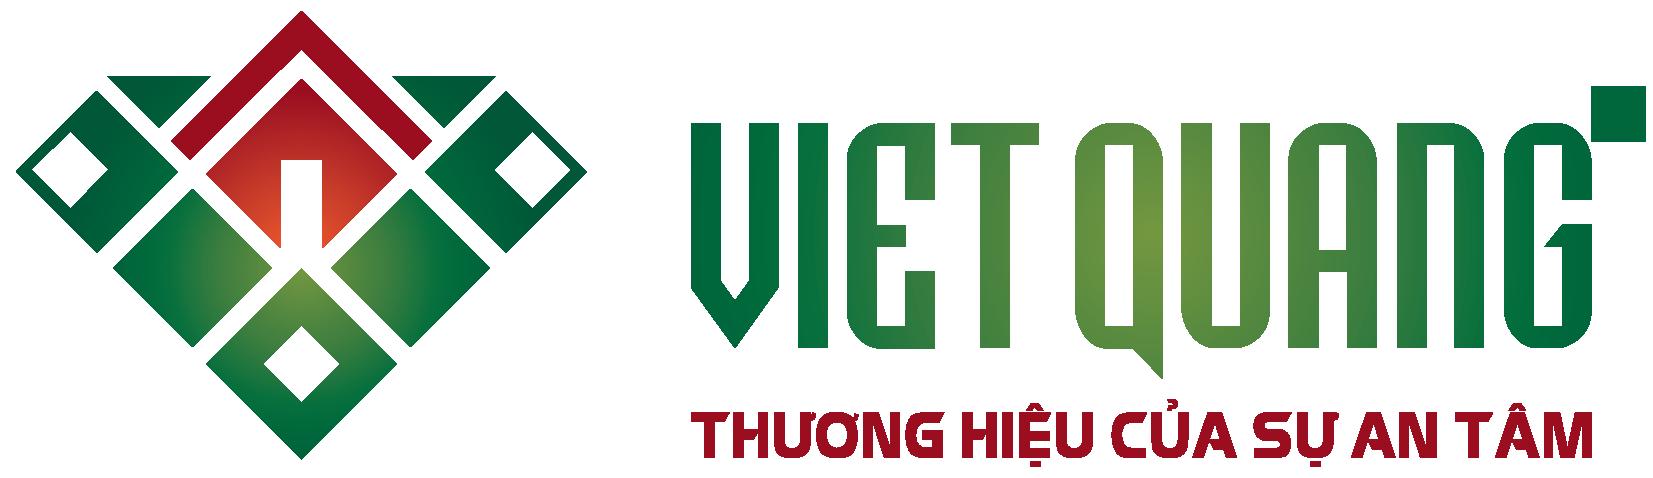 Viet-Quang_Logo_co-chu-R